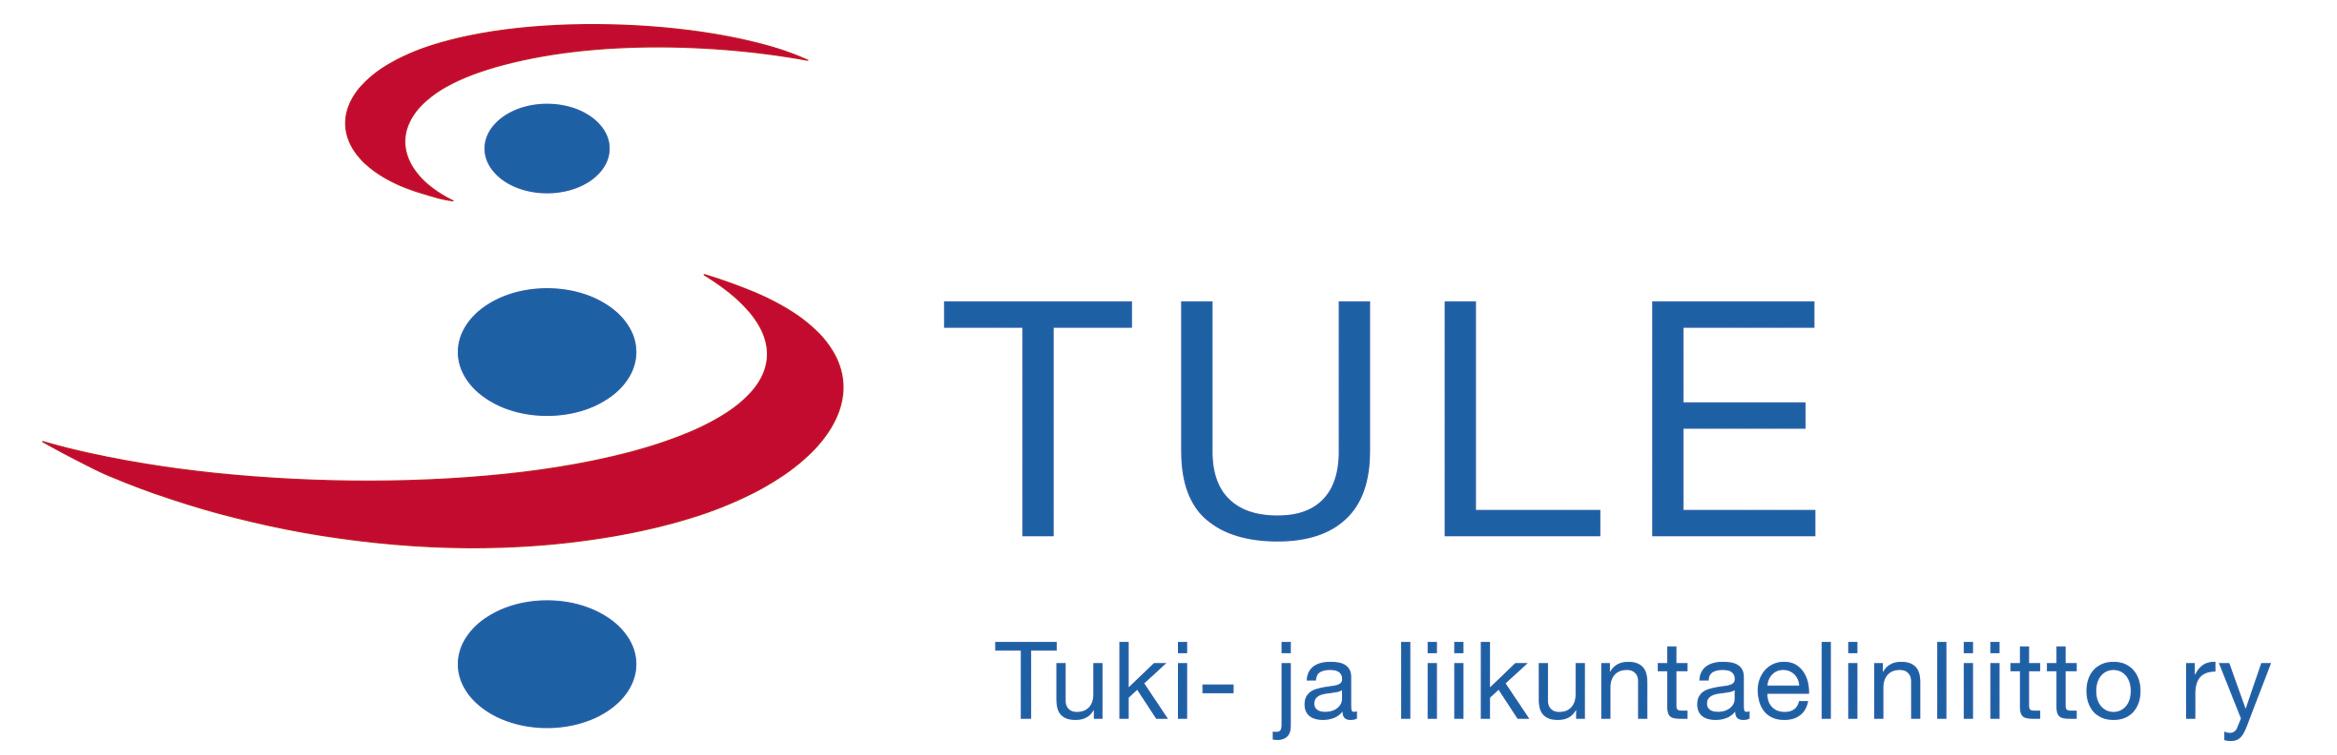 Tuki- ja liikuntaelinliitto - Tule ry